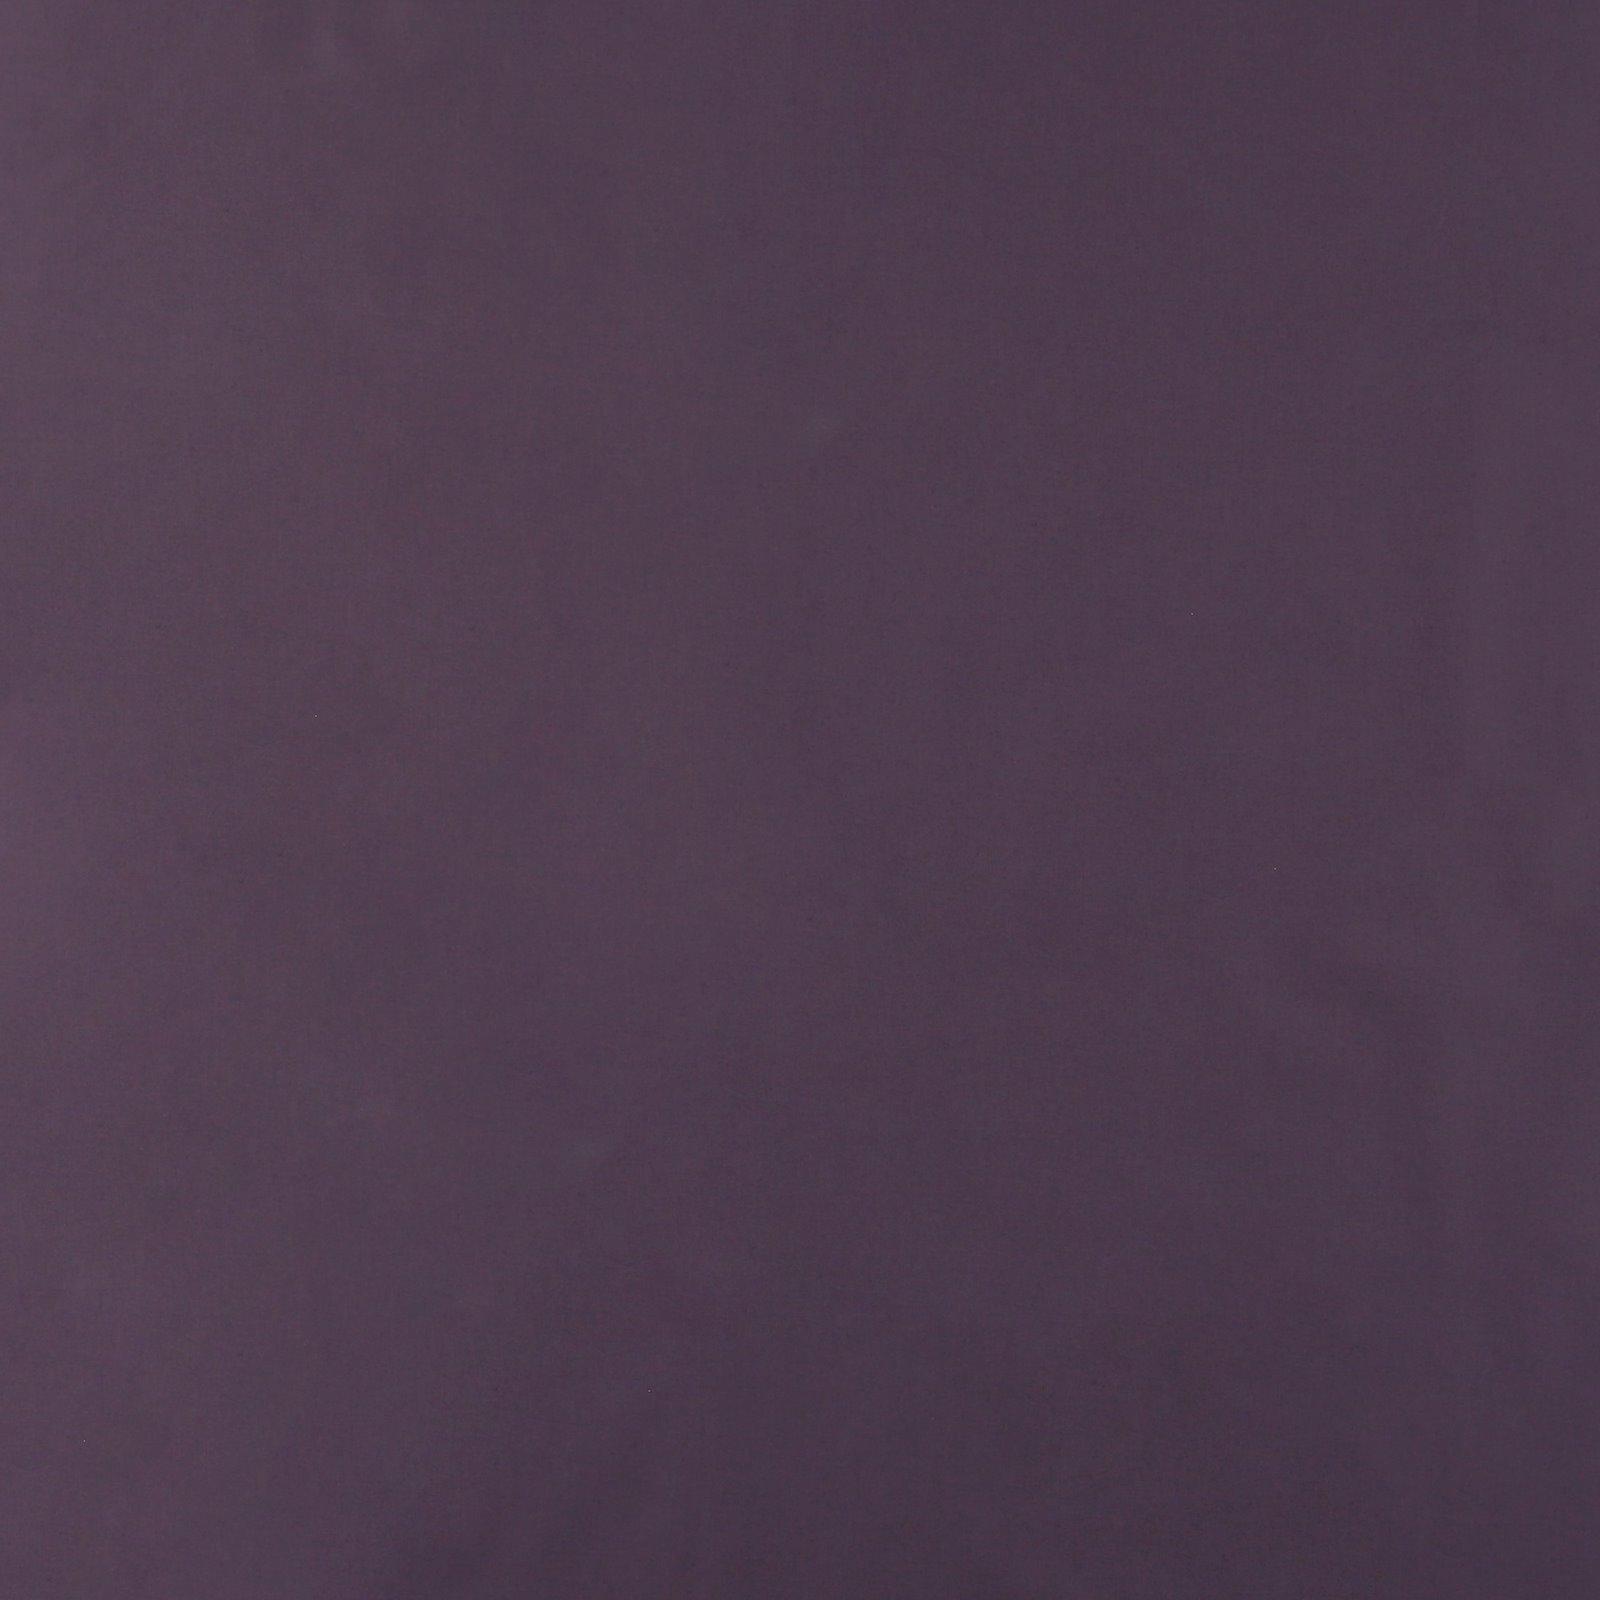 Luxury cotton dark plum 4304_pack_solid